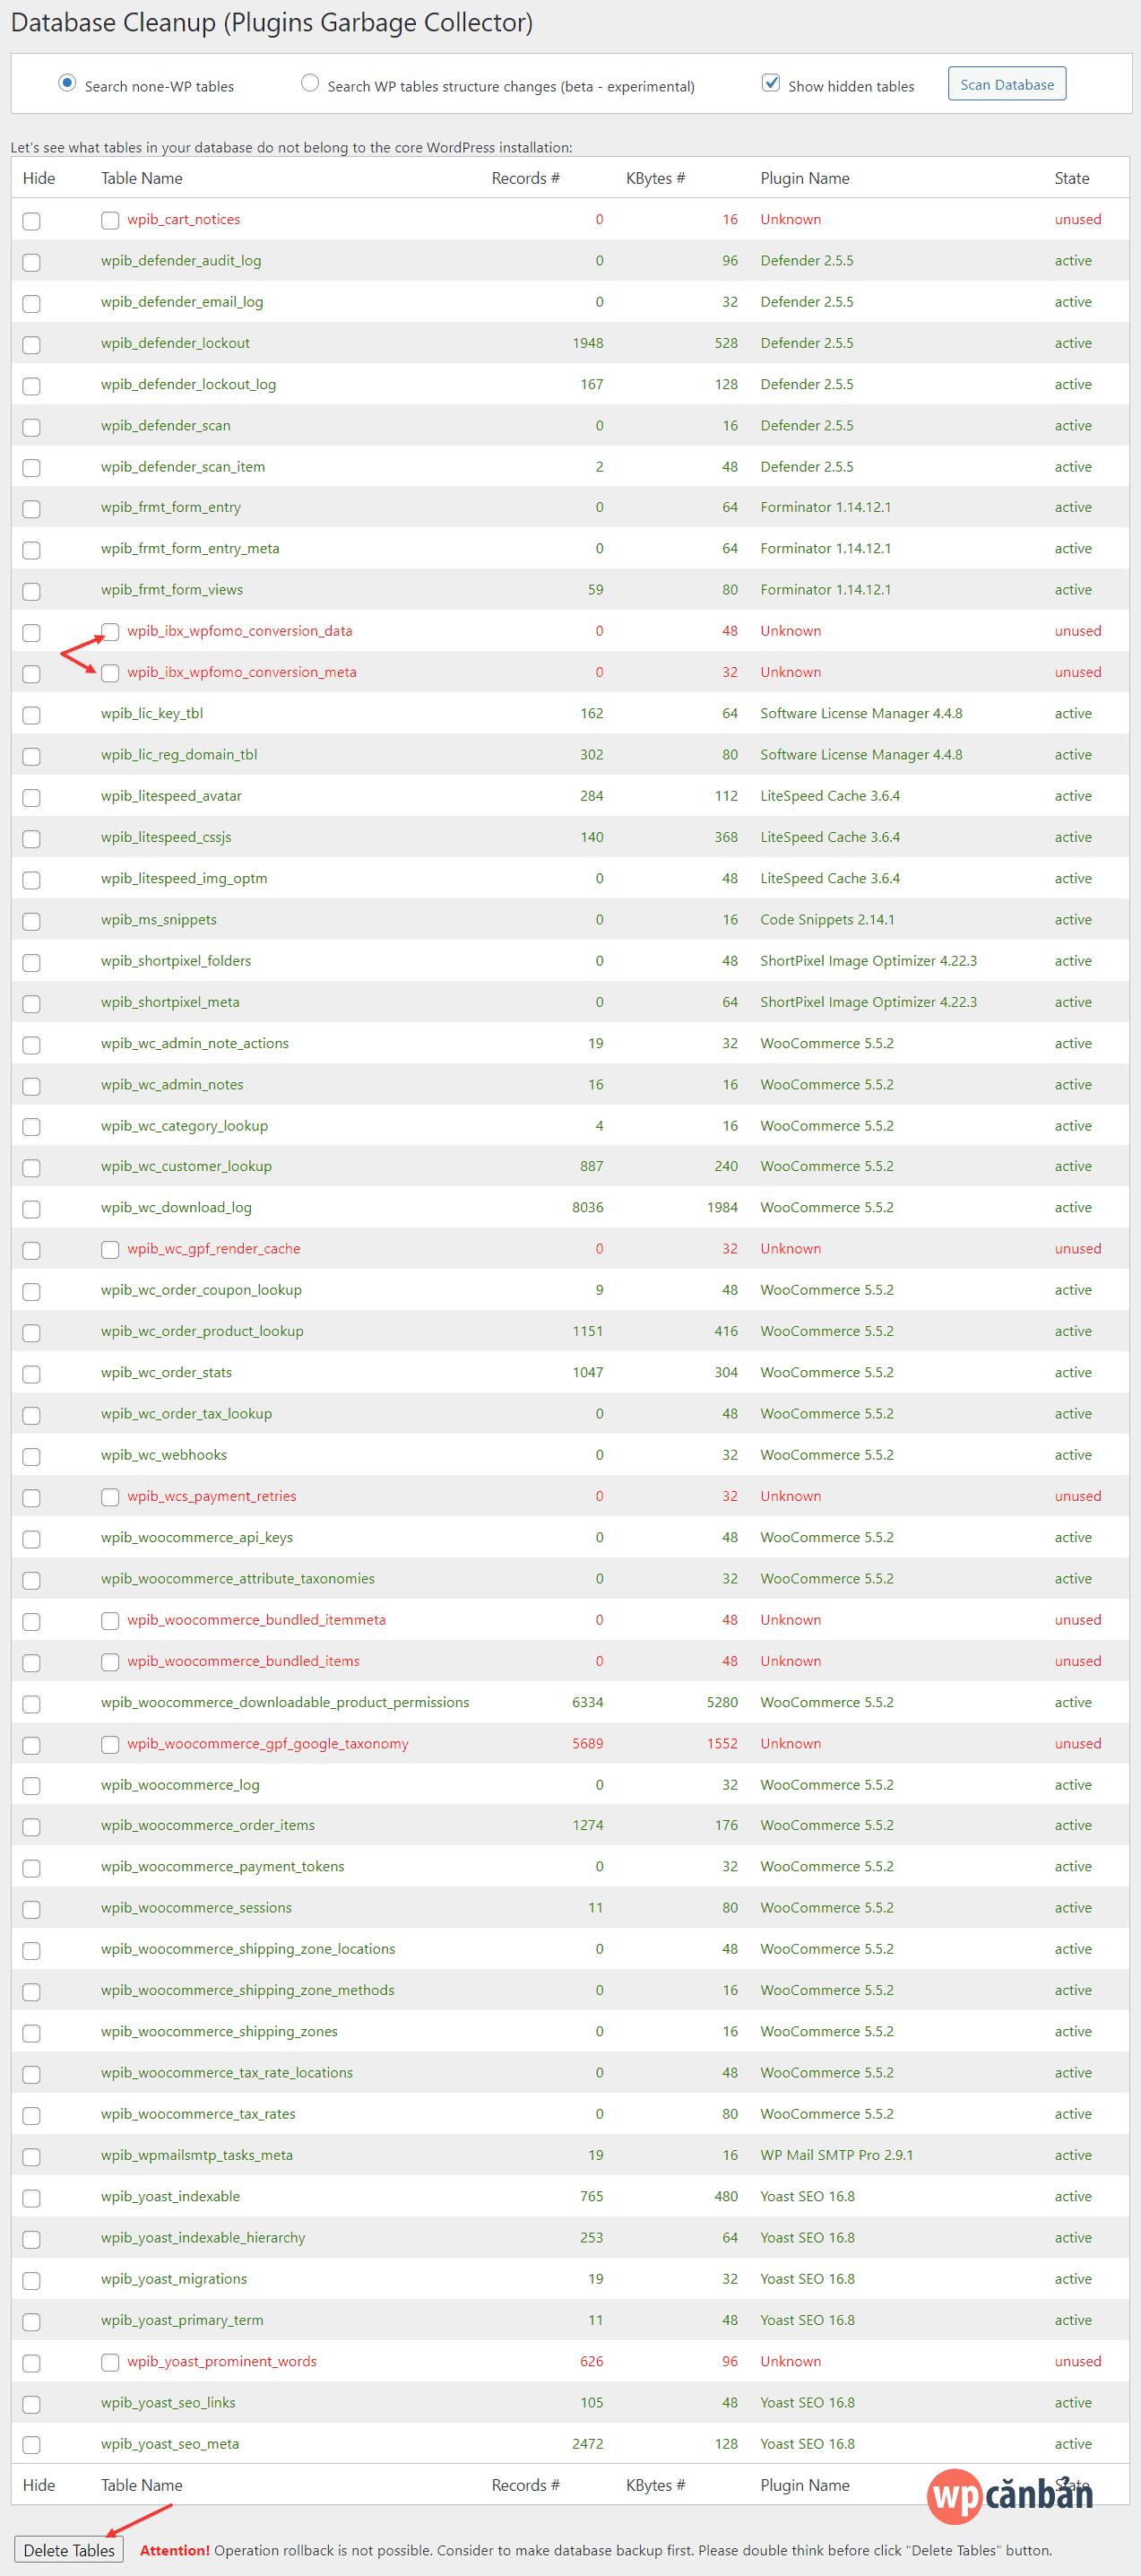 xoa-table-khong-dung-bang-plugin-plugins-garbage-collector